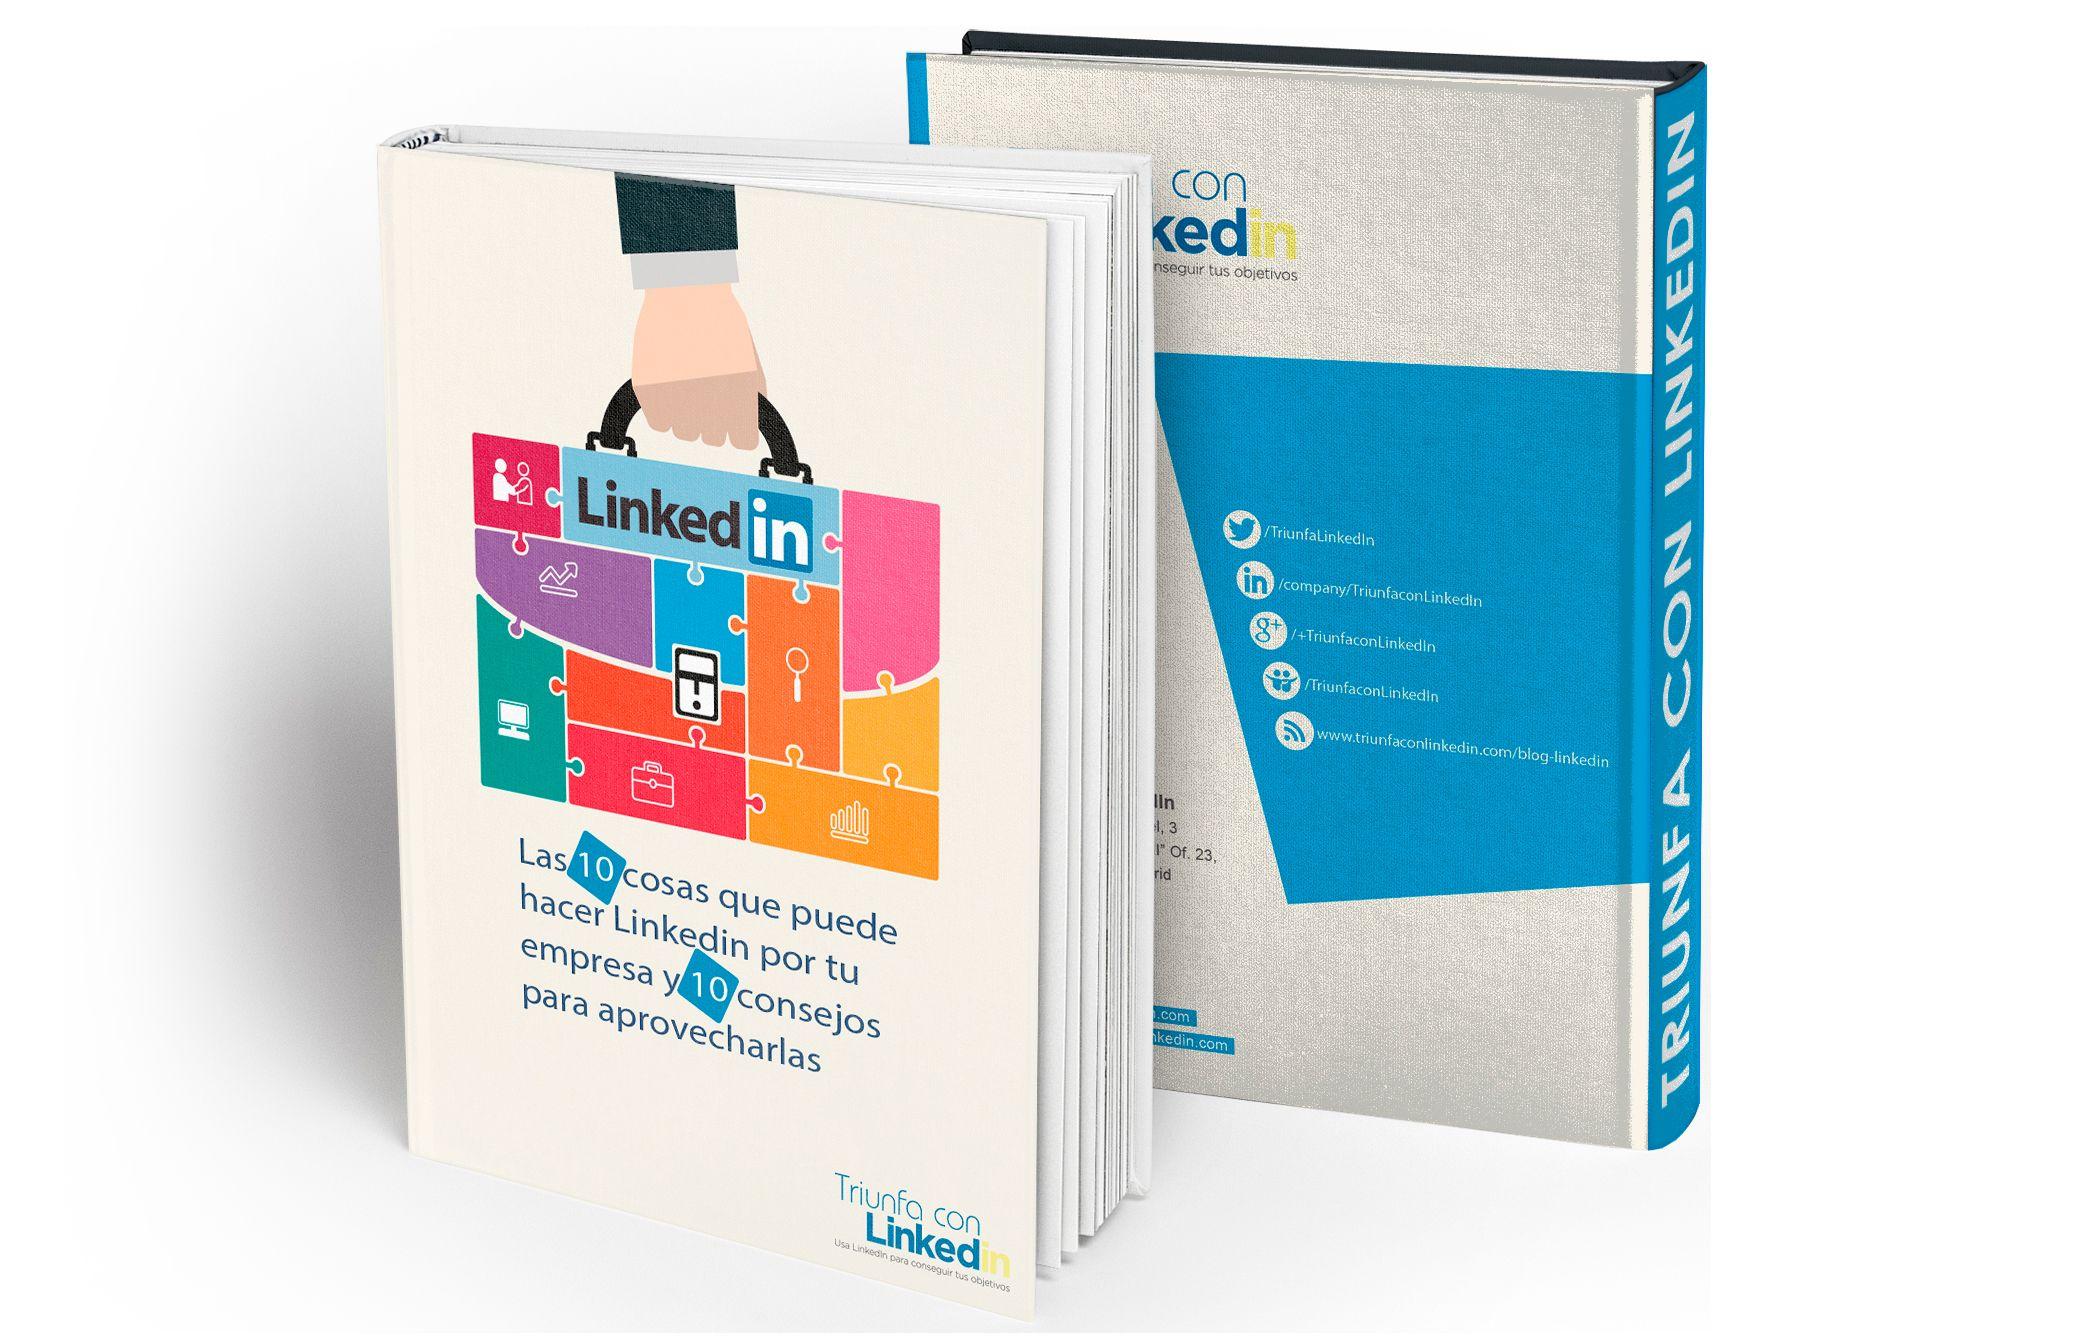 Las 10 cosas que puede hacer LinkedIn por tu empresa y cómo aprovecharlas